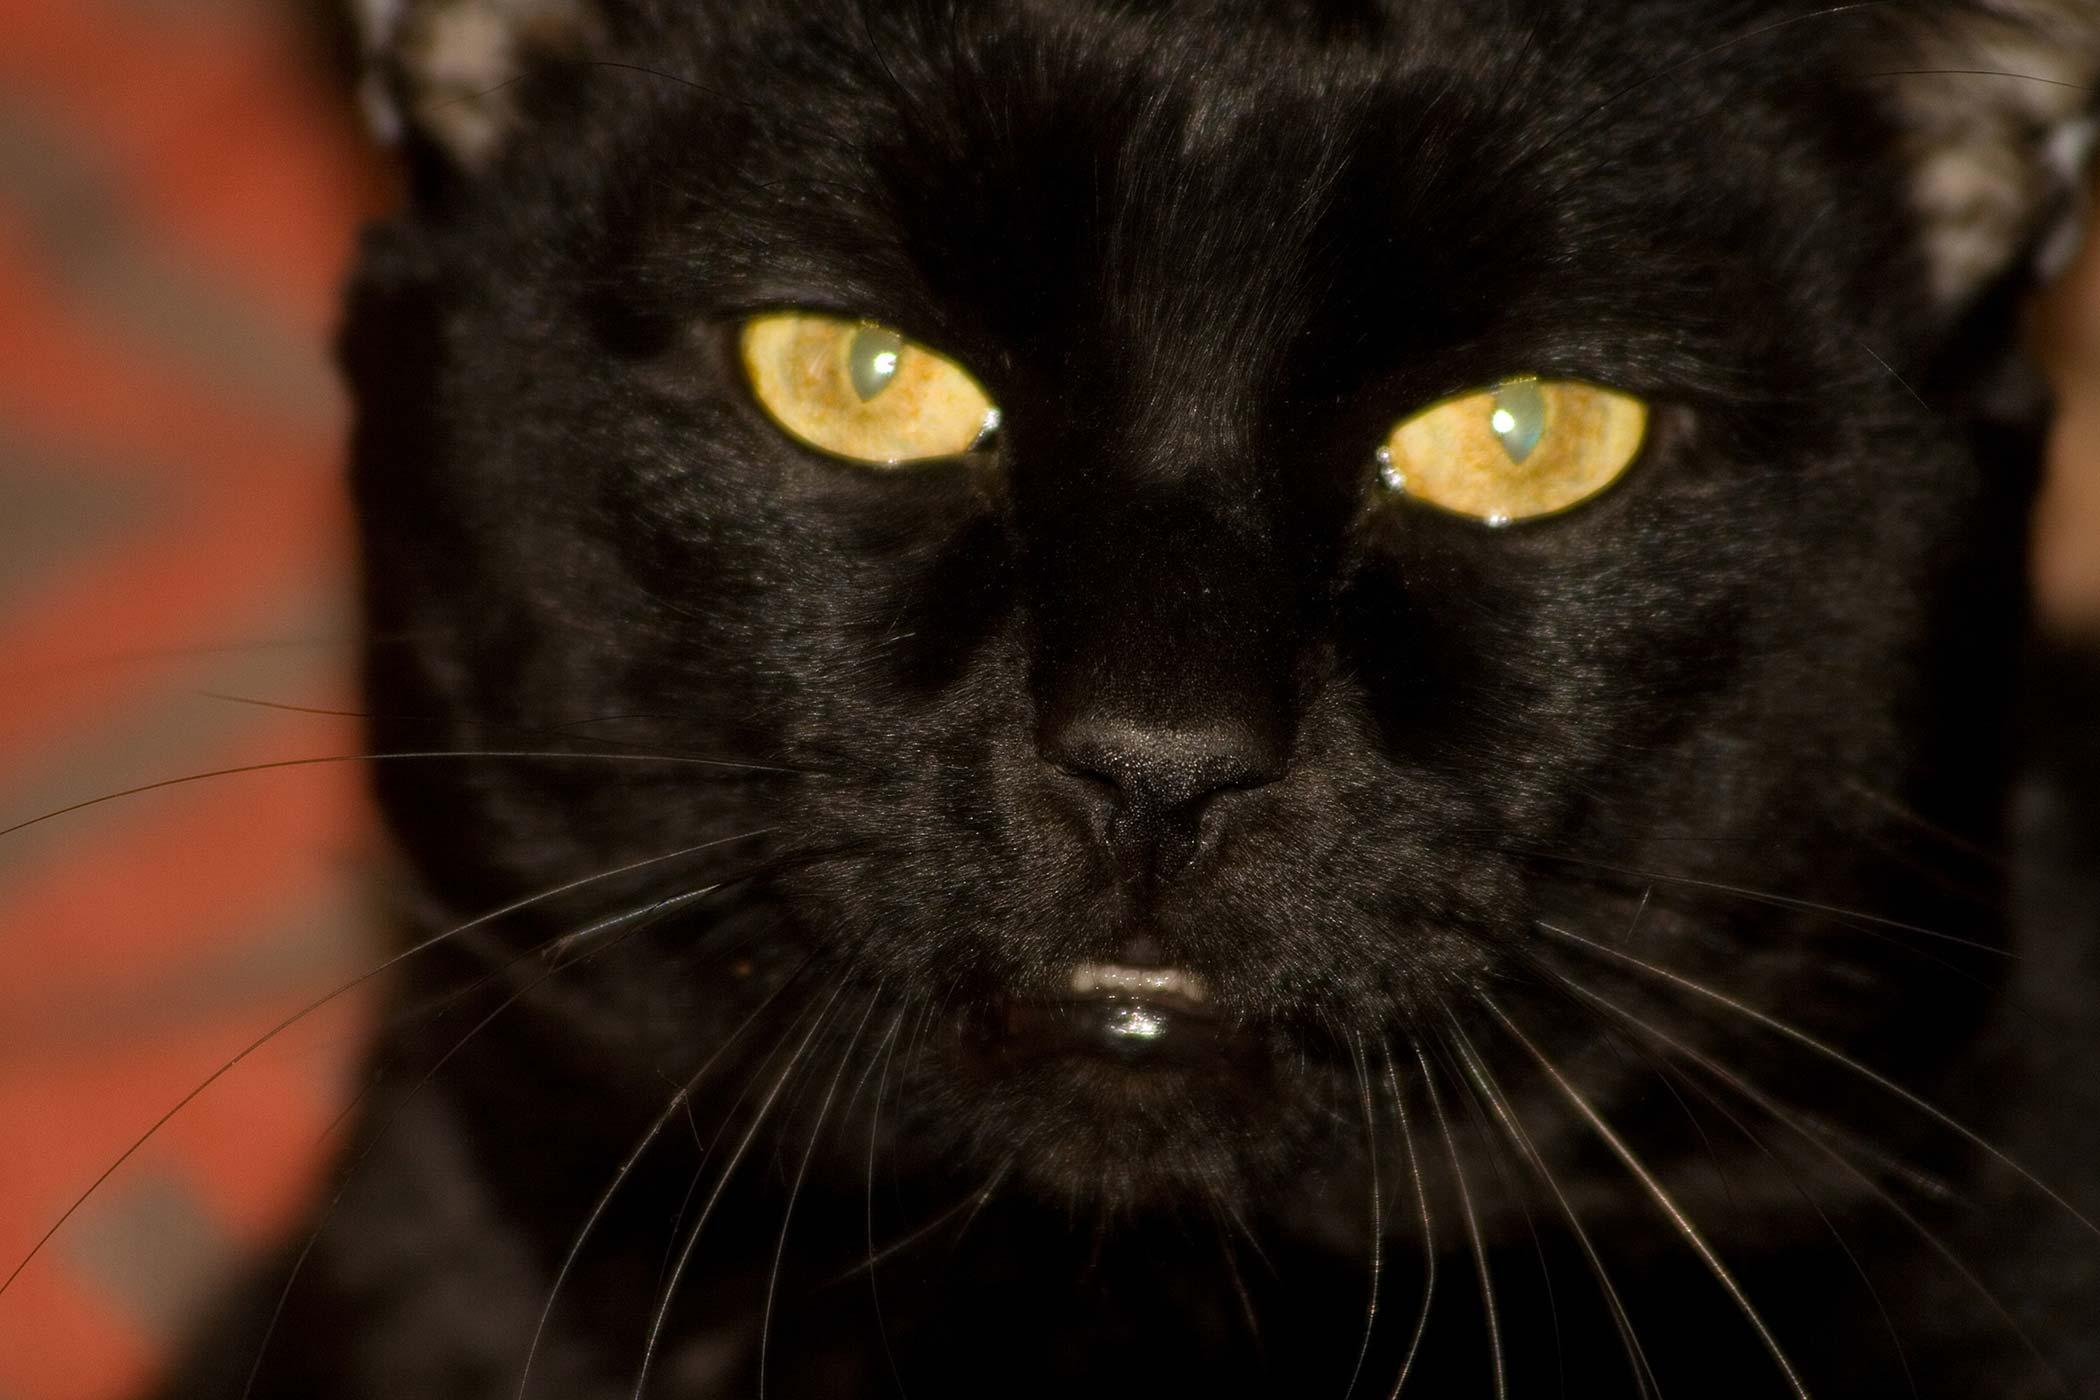 Brain Parasites in Cats